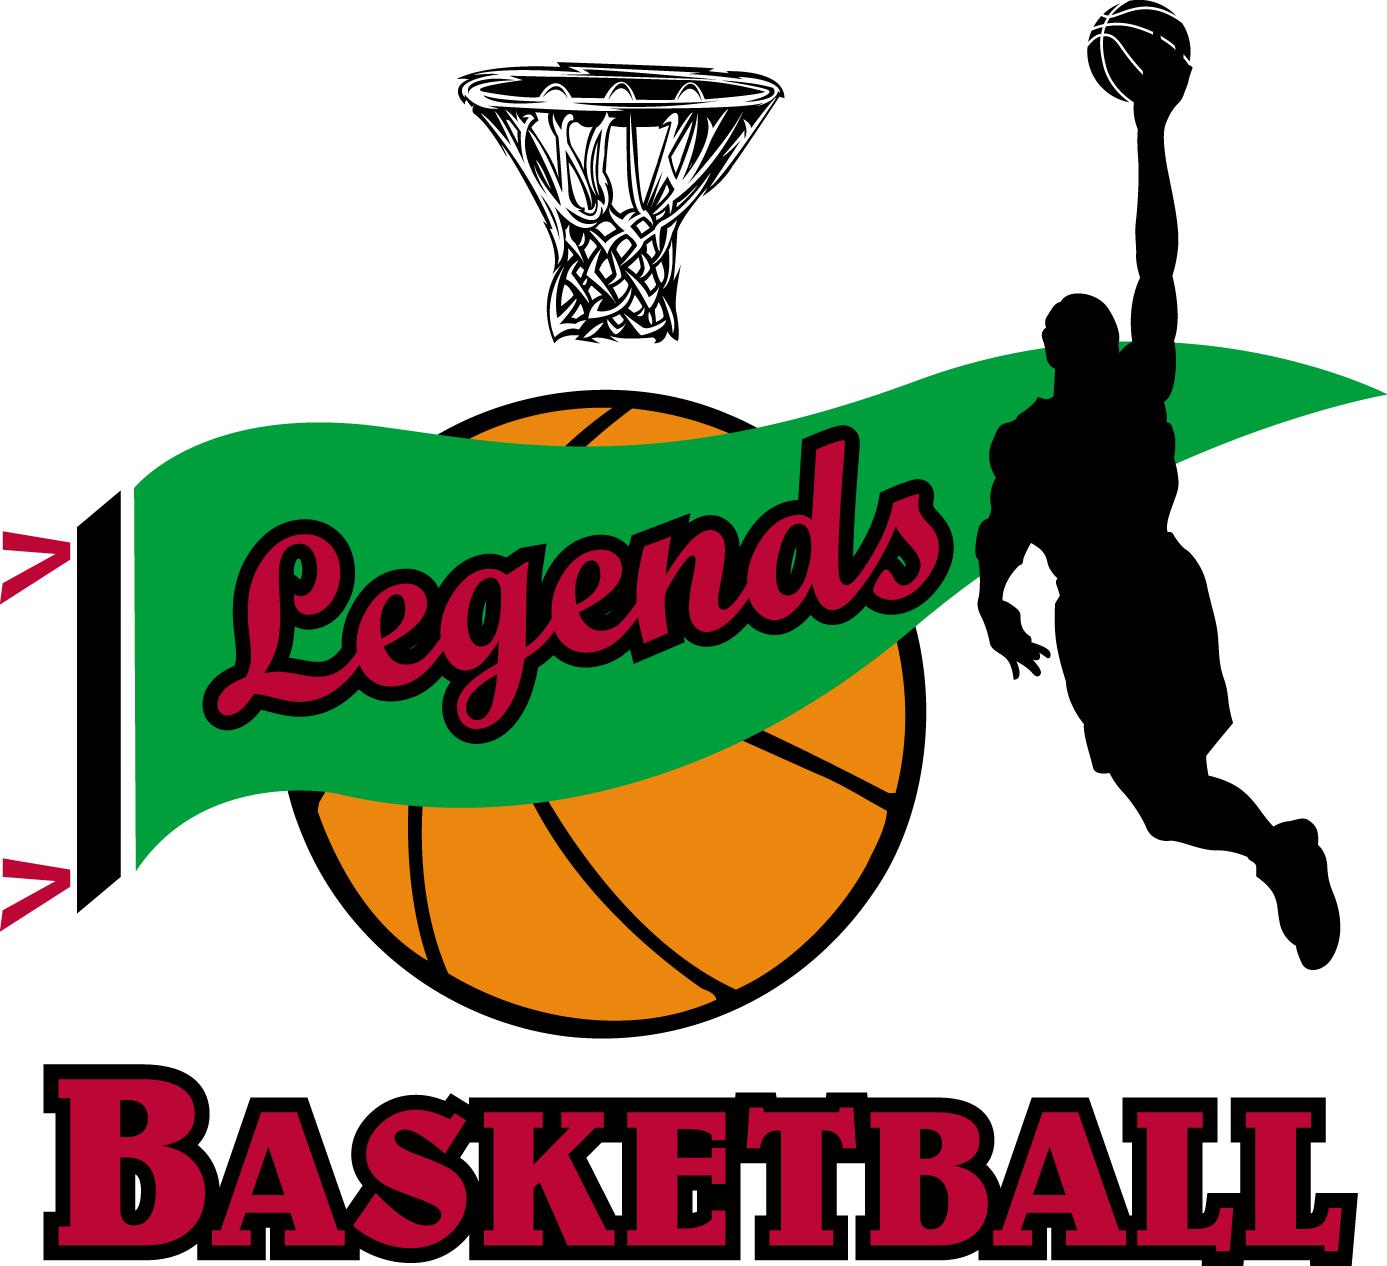 Legends Basketball League